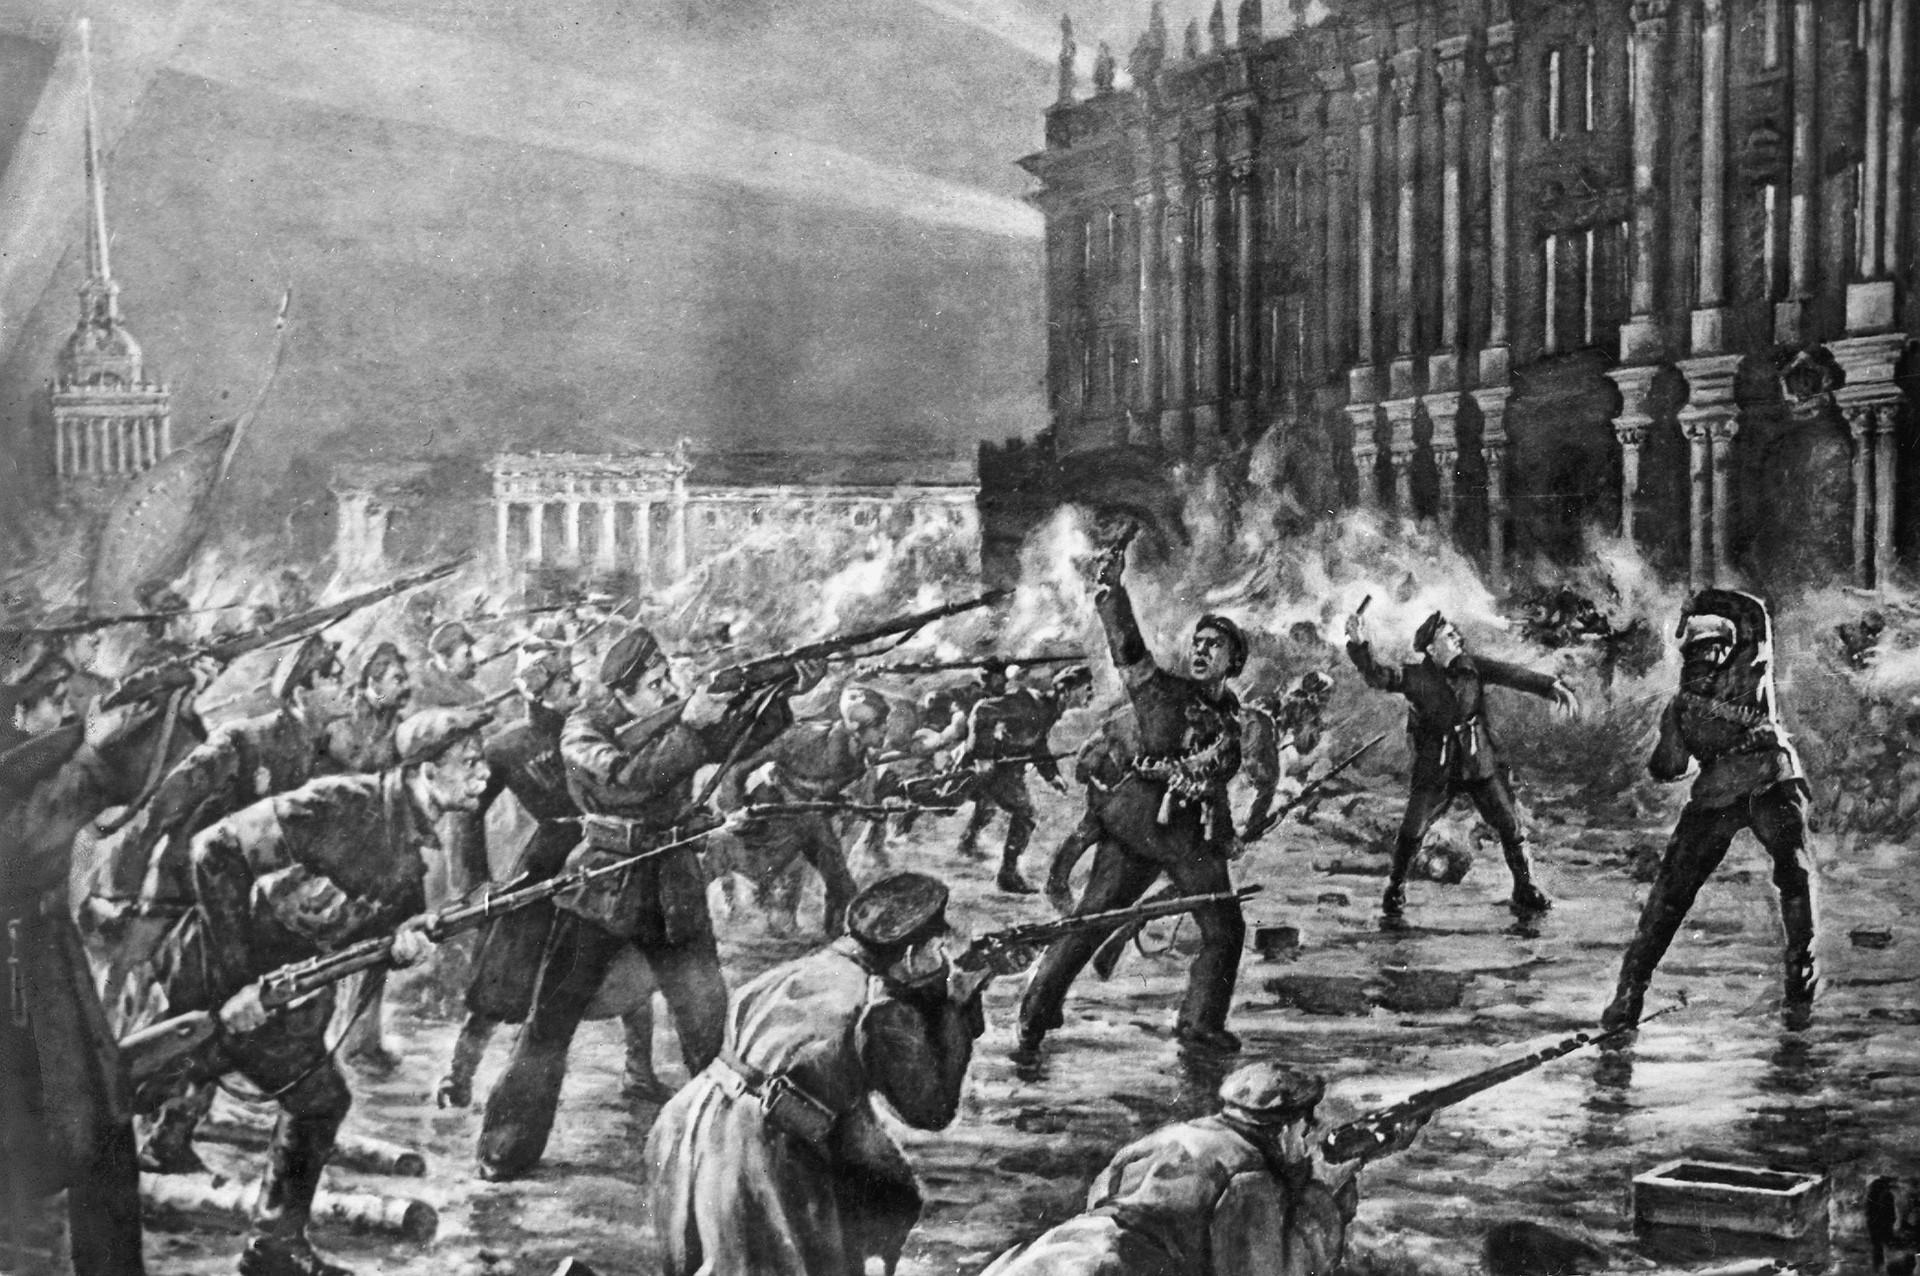 Црвена гарда, војници и морнари јуришају на бивши Царски дворац (Зимски дворац) у новембру 1917.